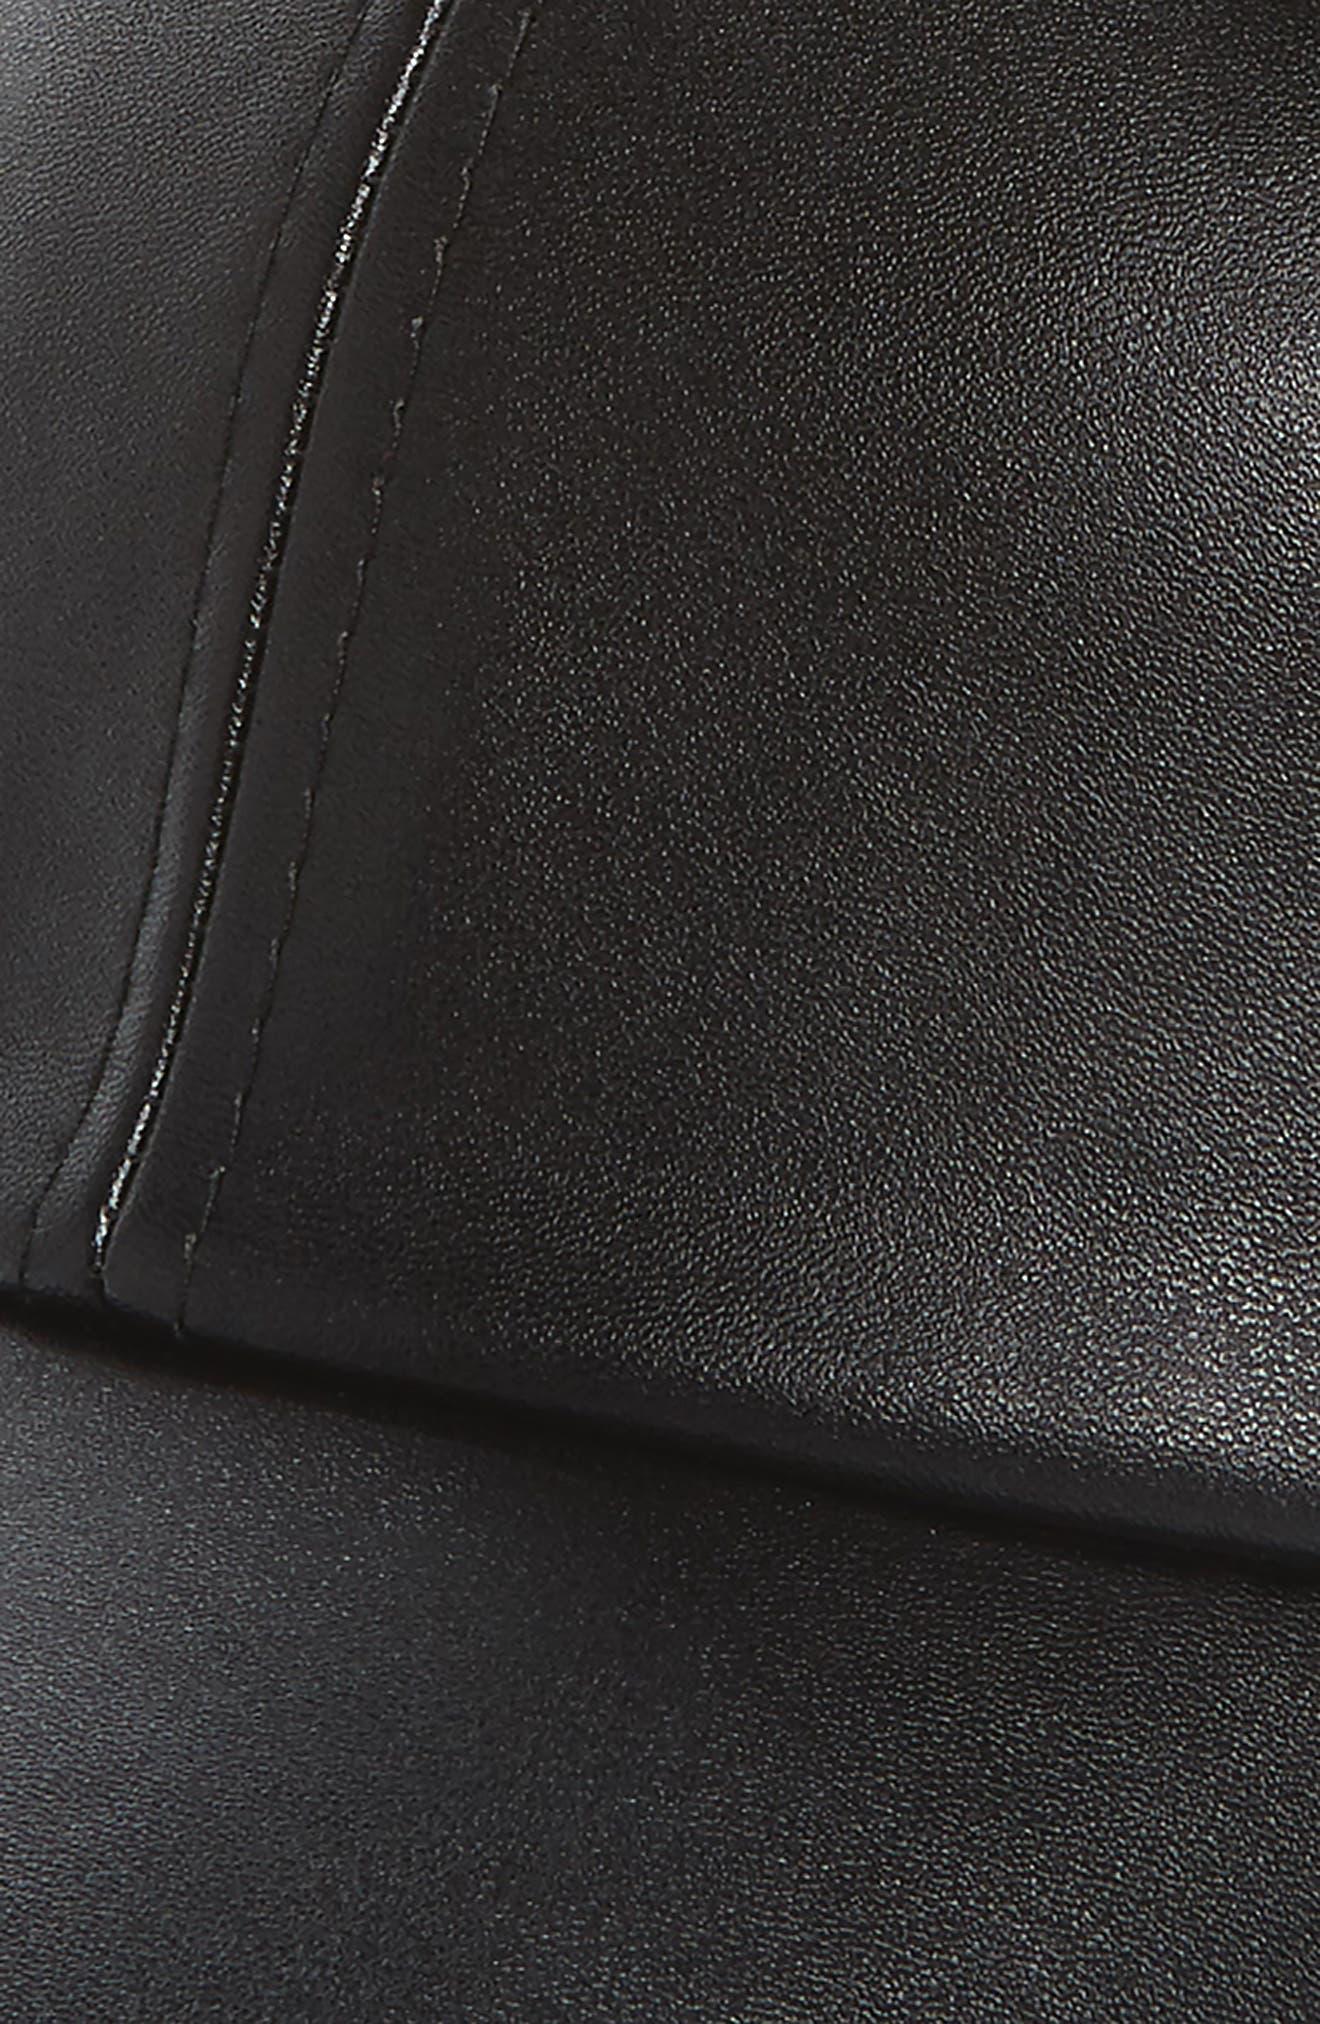 Faux Leather Cap with Faux Fur Pompom,                             Alternate thumbnail 5, color,